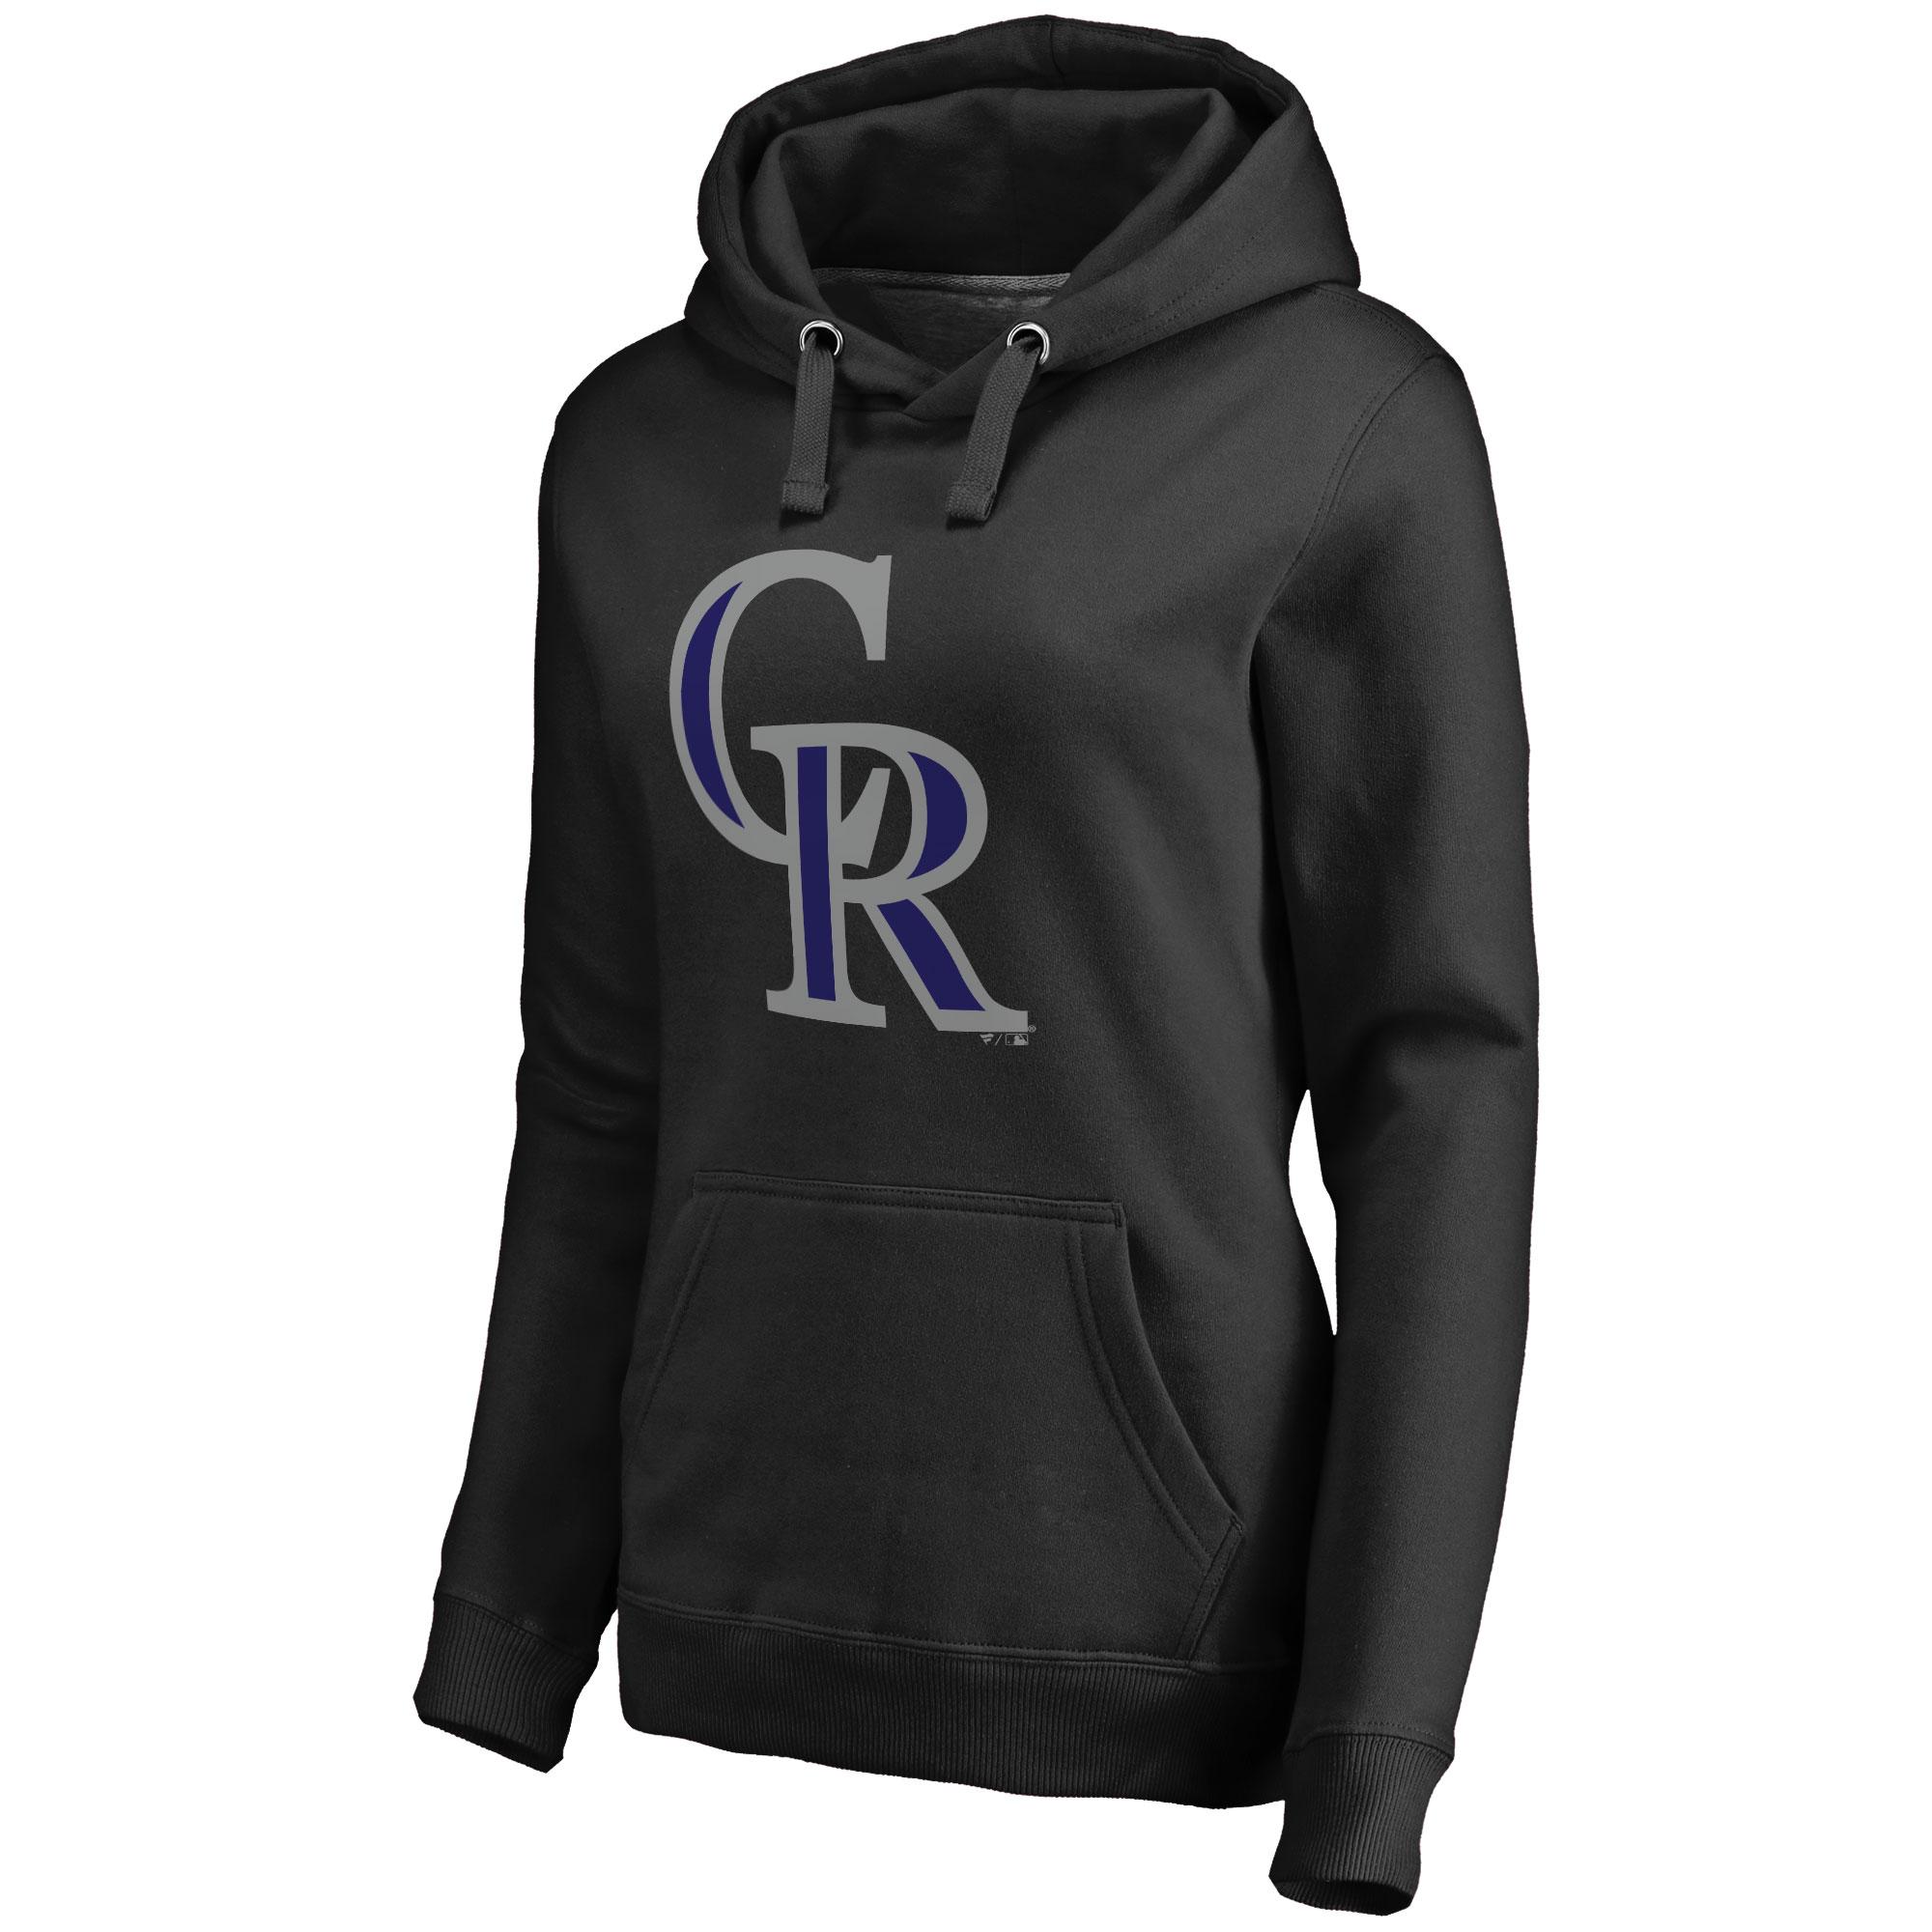 Colorado Rockies Women's Team Color Primary Logo Pullover Hoodie - Black